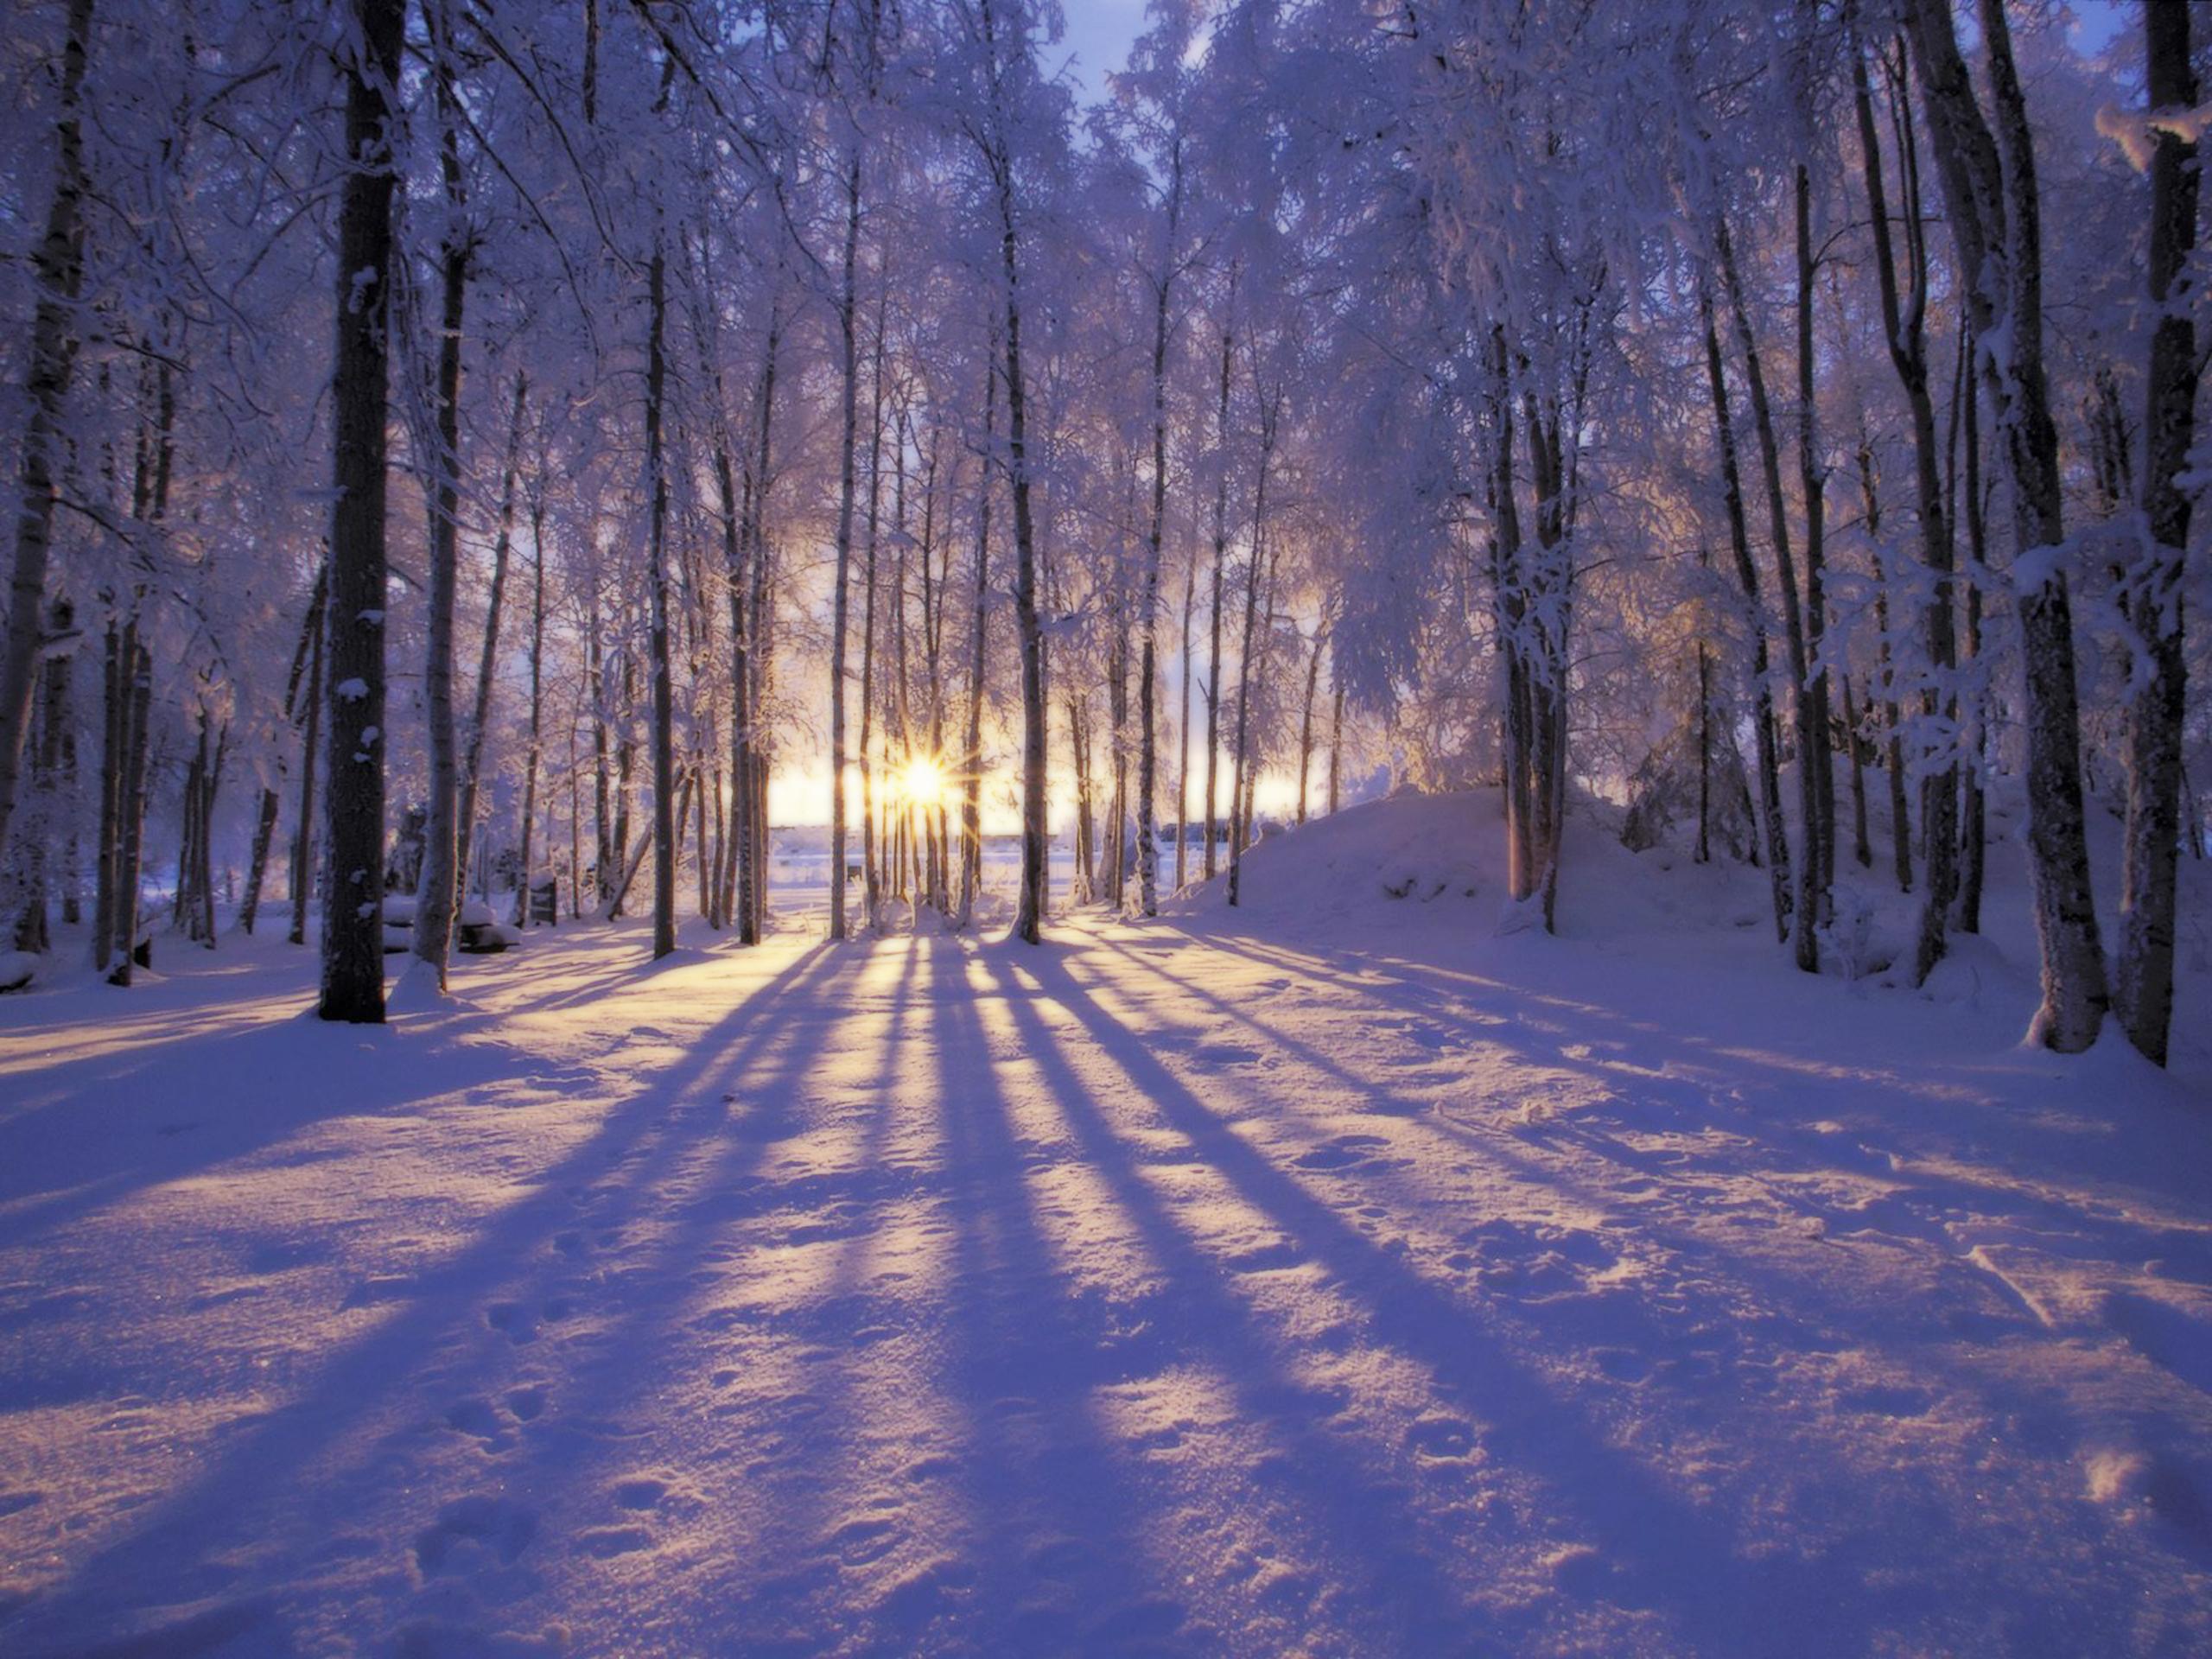 winter scenes wallpaper for desktop